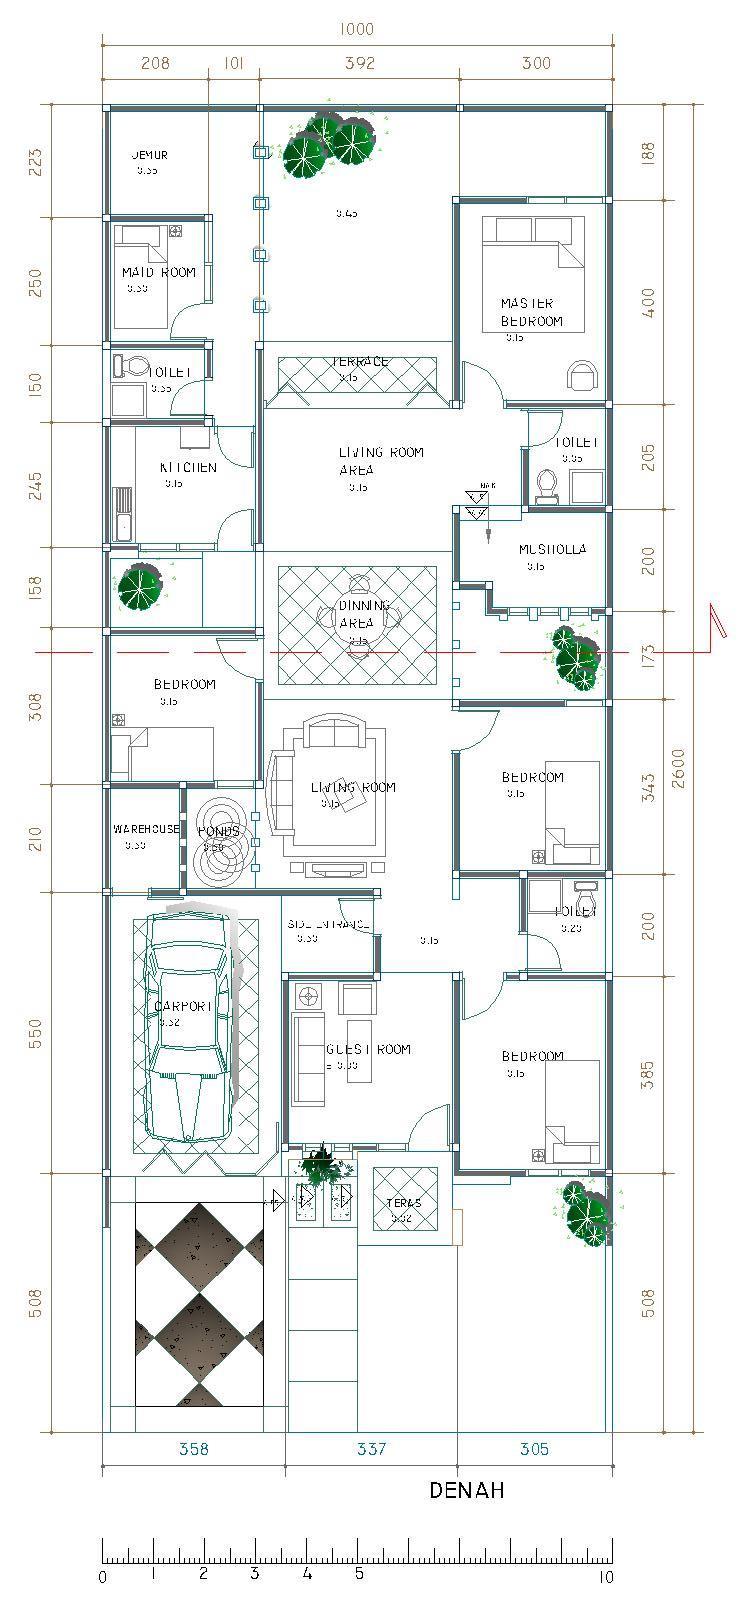 Gambar Desain Rumah Minimalis 3 Kamar 1 Mushola Terbaru Desain